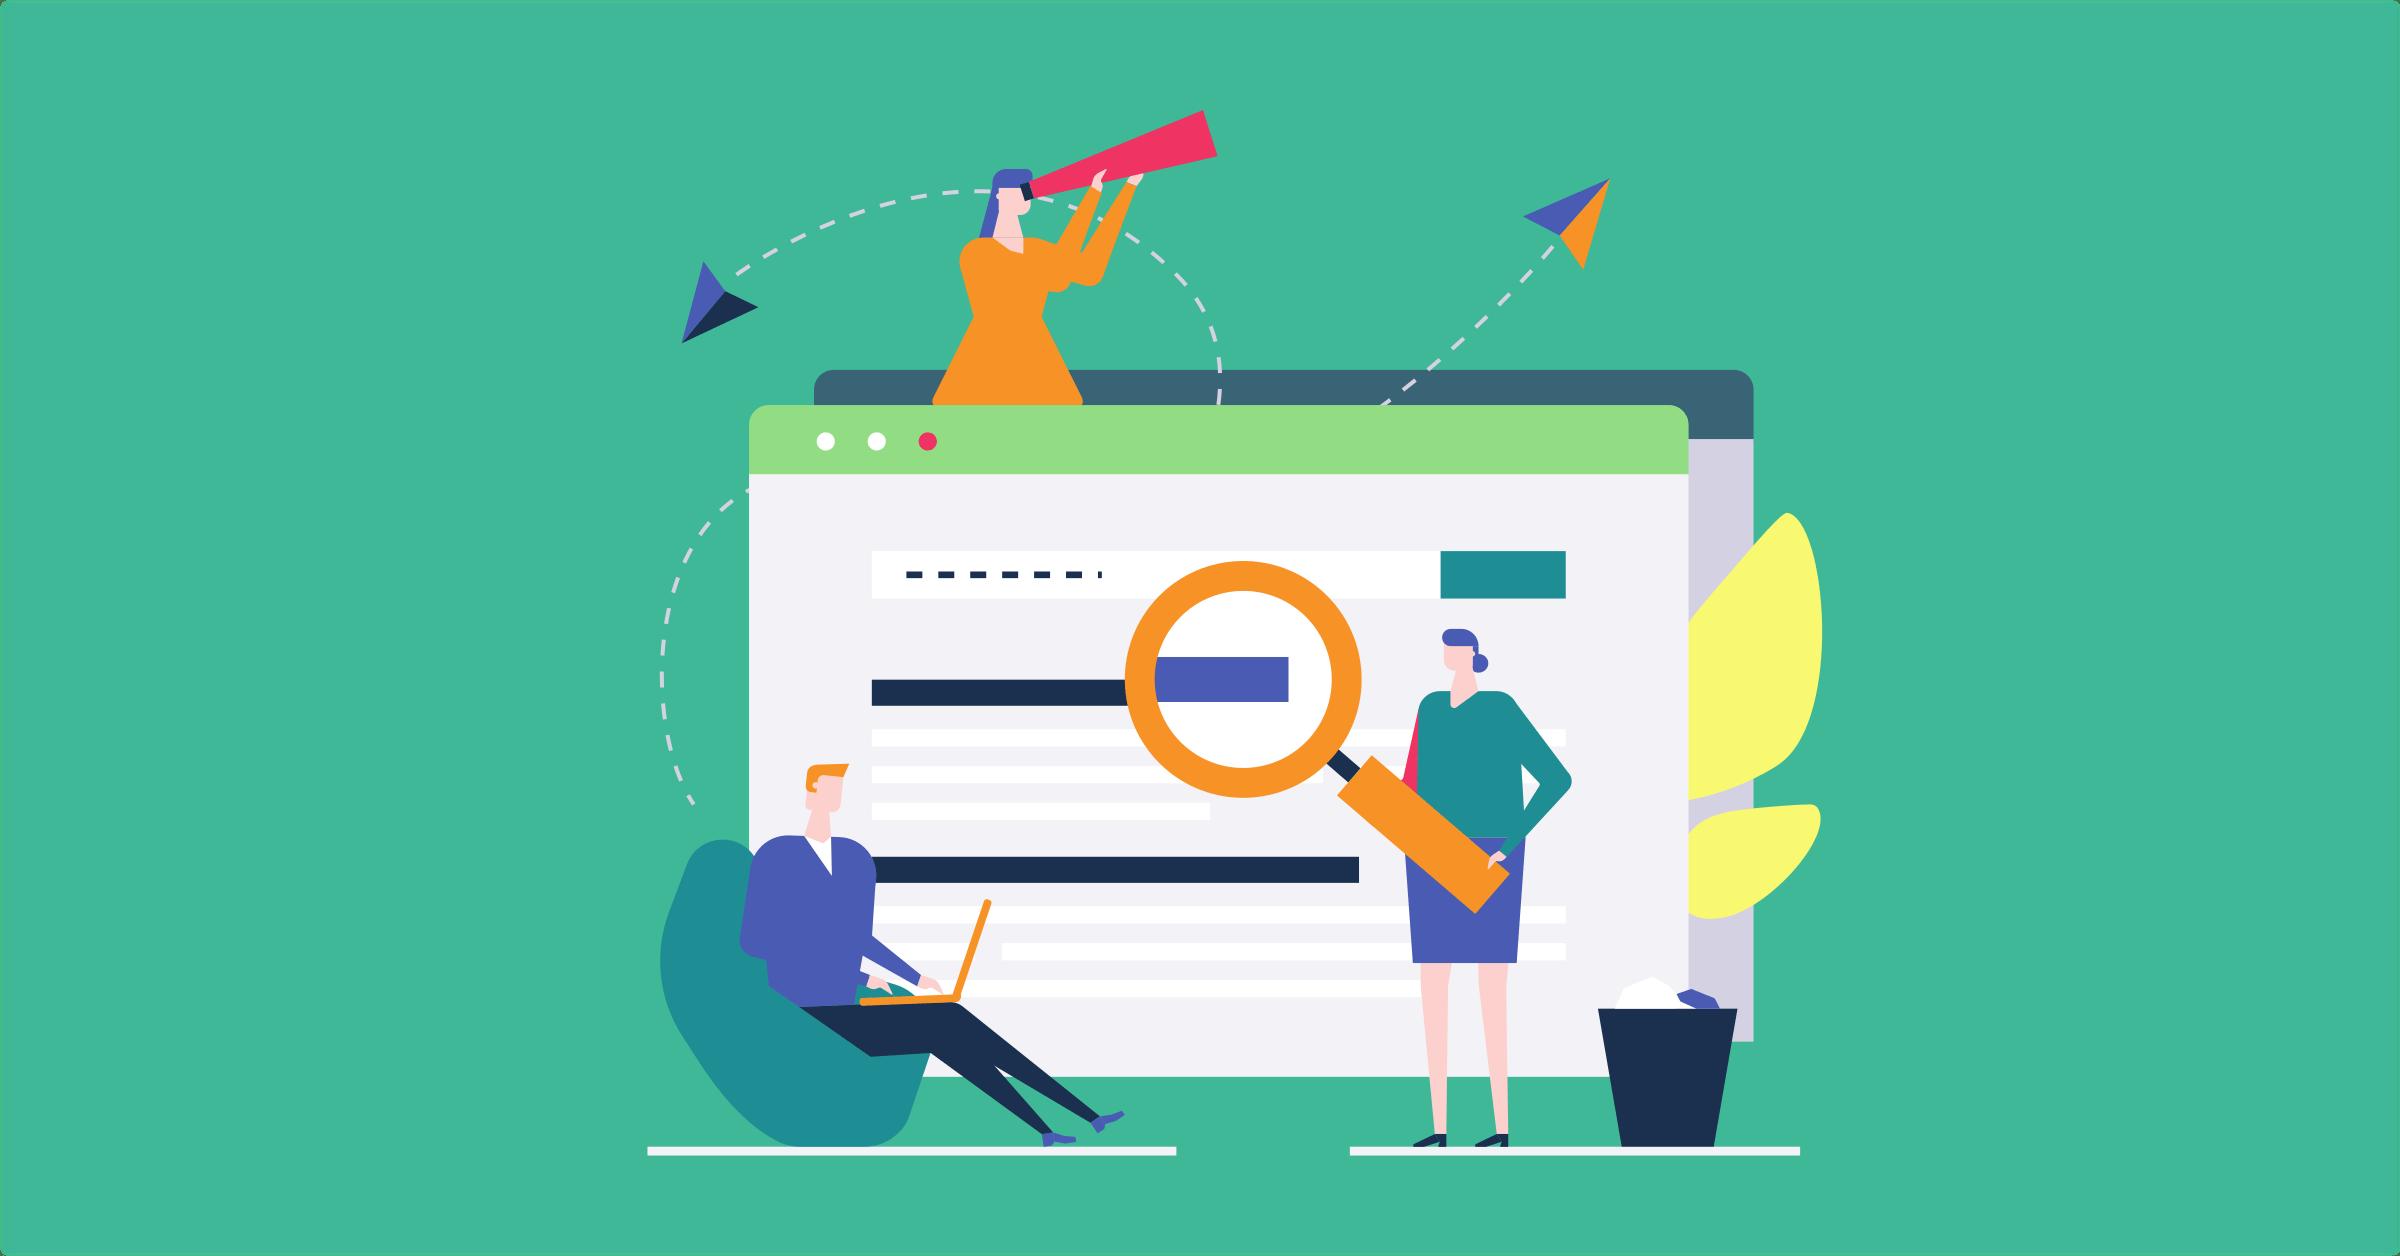 Hjelp brukerne å finne innhold på nettsiden din